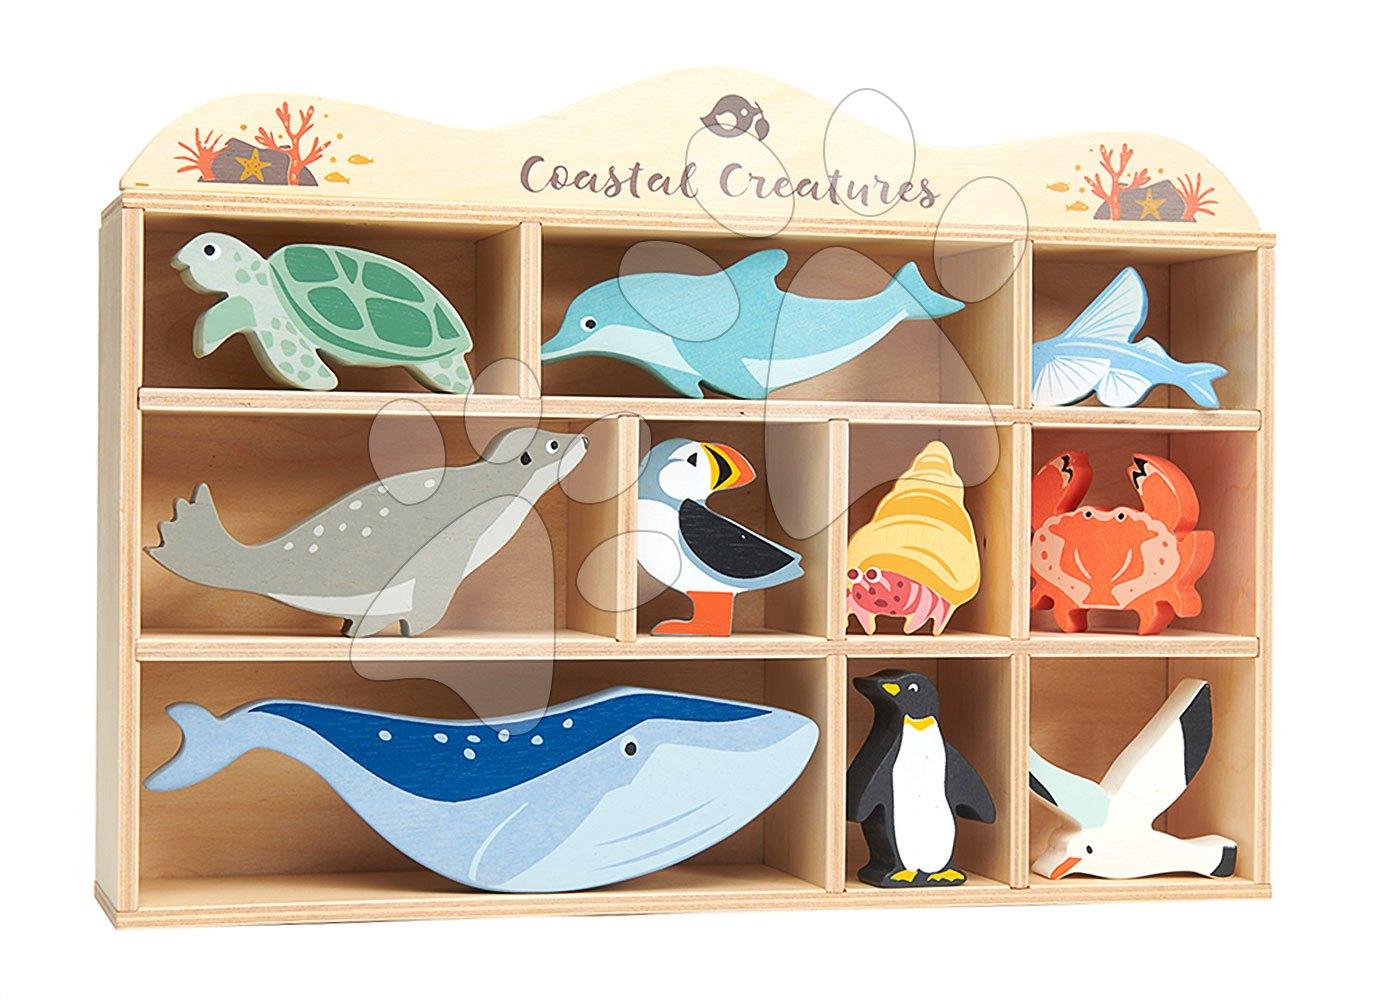 Drevené morské zvieratá na poličke 10 ks Coastal set Tender Leaf Toys